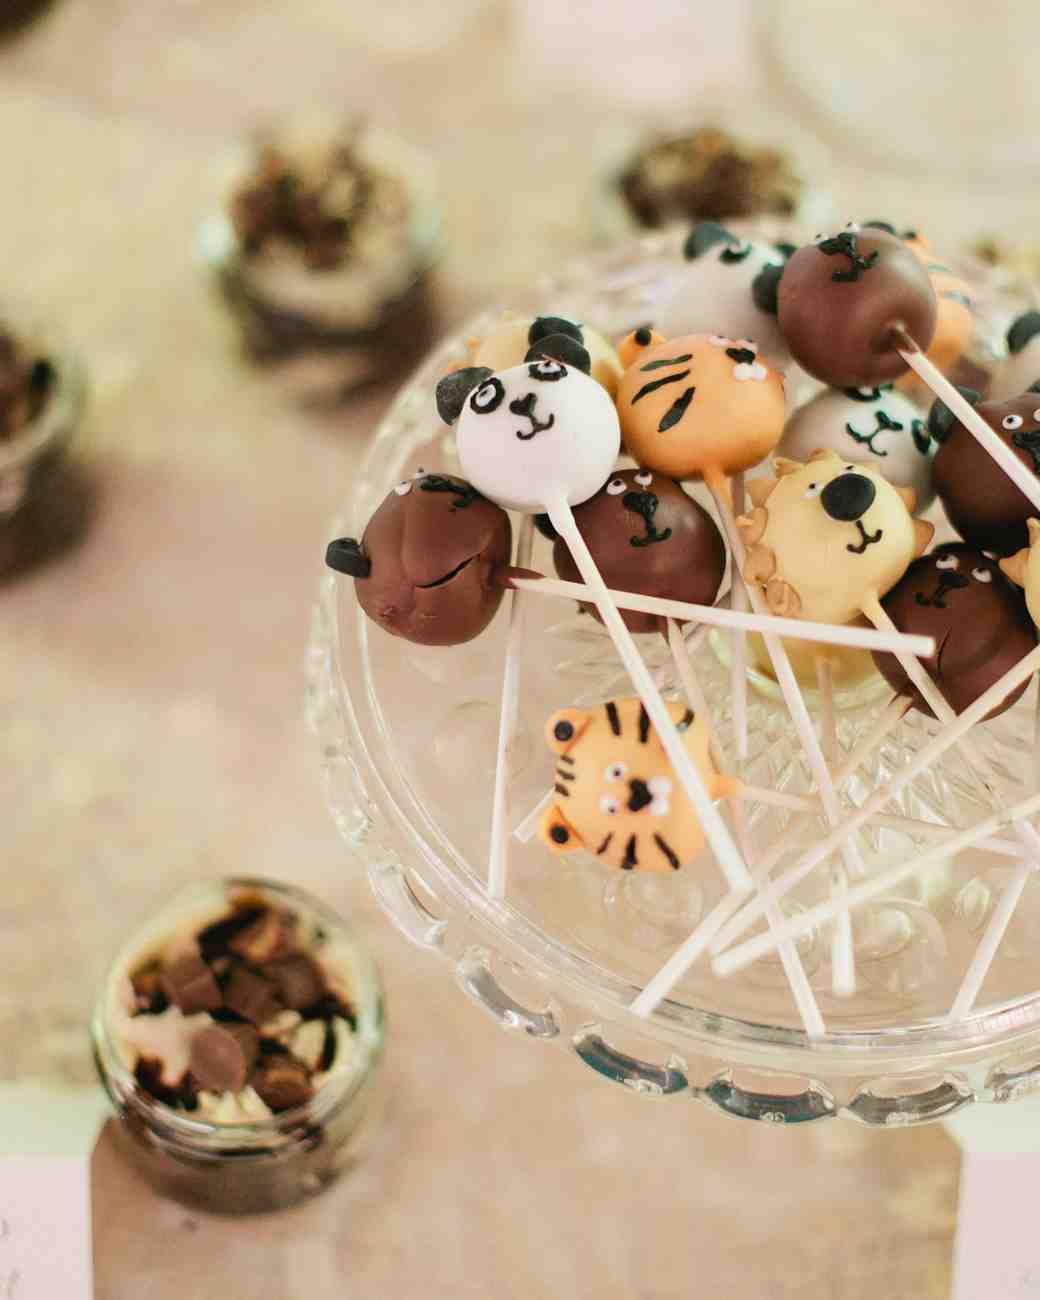 holly-john-wedding-texas-animal-cakepops-076-s112833-0516.jpg